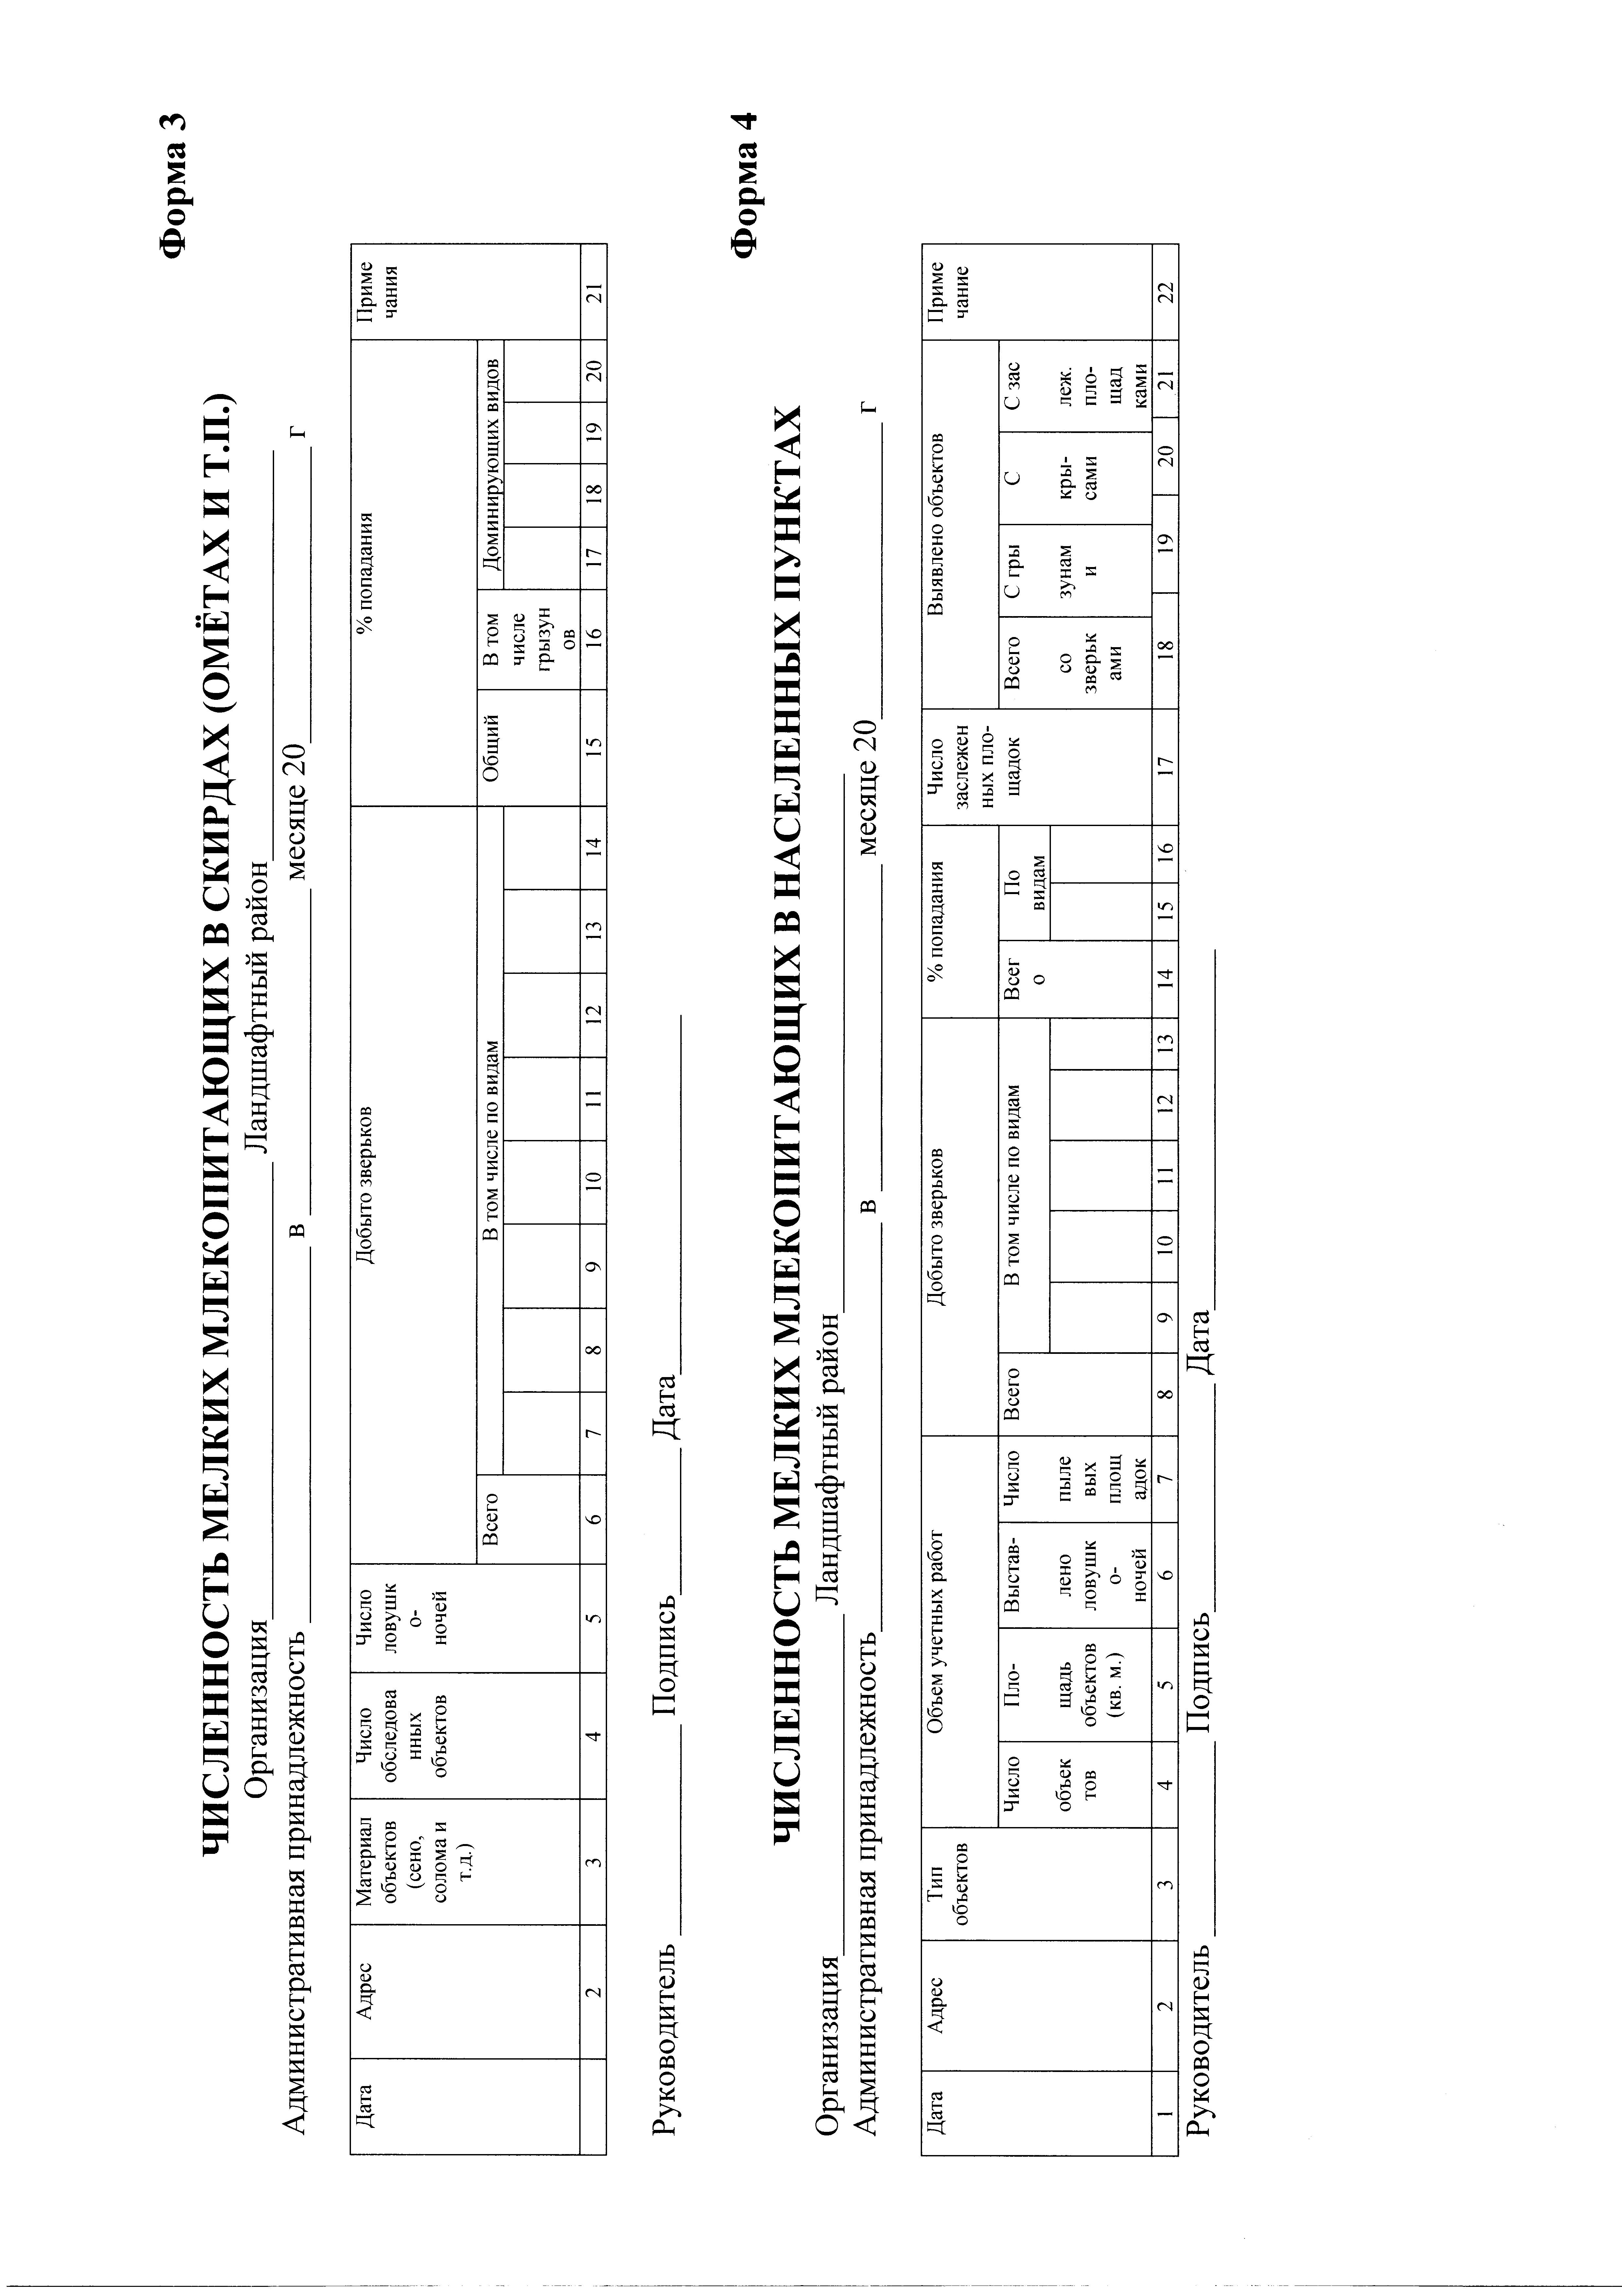 mr-3.1.0211_20-otlov_-uchet-i-prognoz-chislennosti-melkikh-zhivotnykh-i-ptits (1)_Страница_33.png (165 KB)